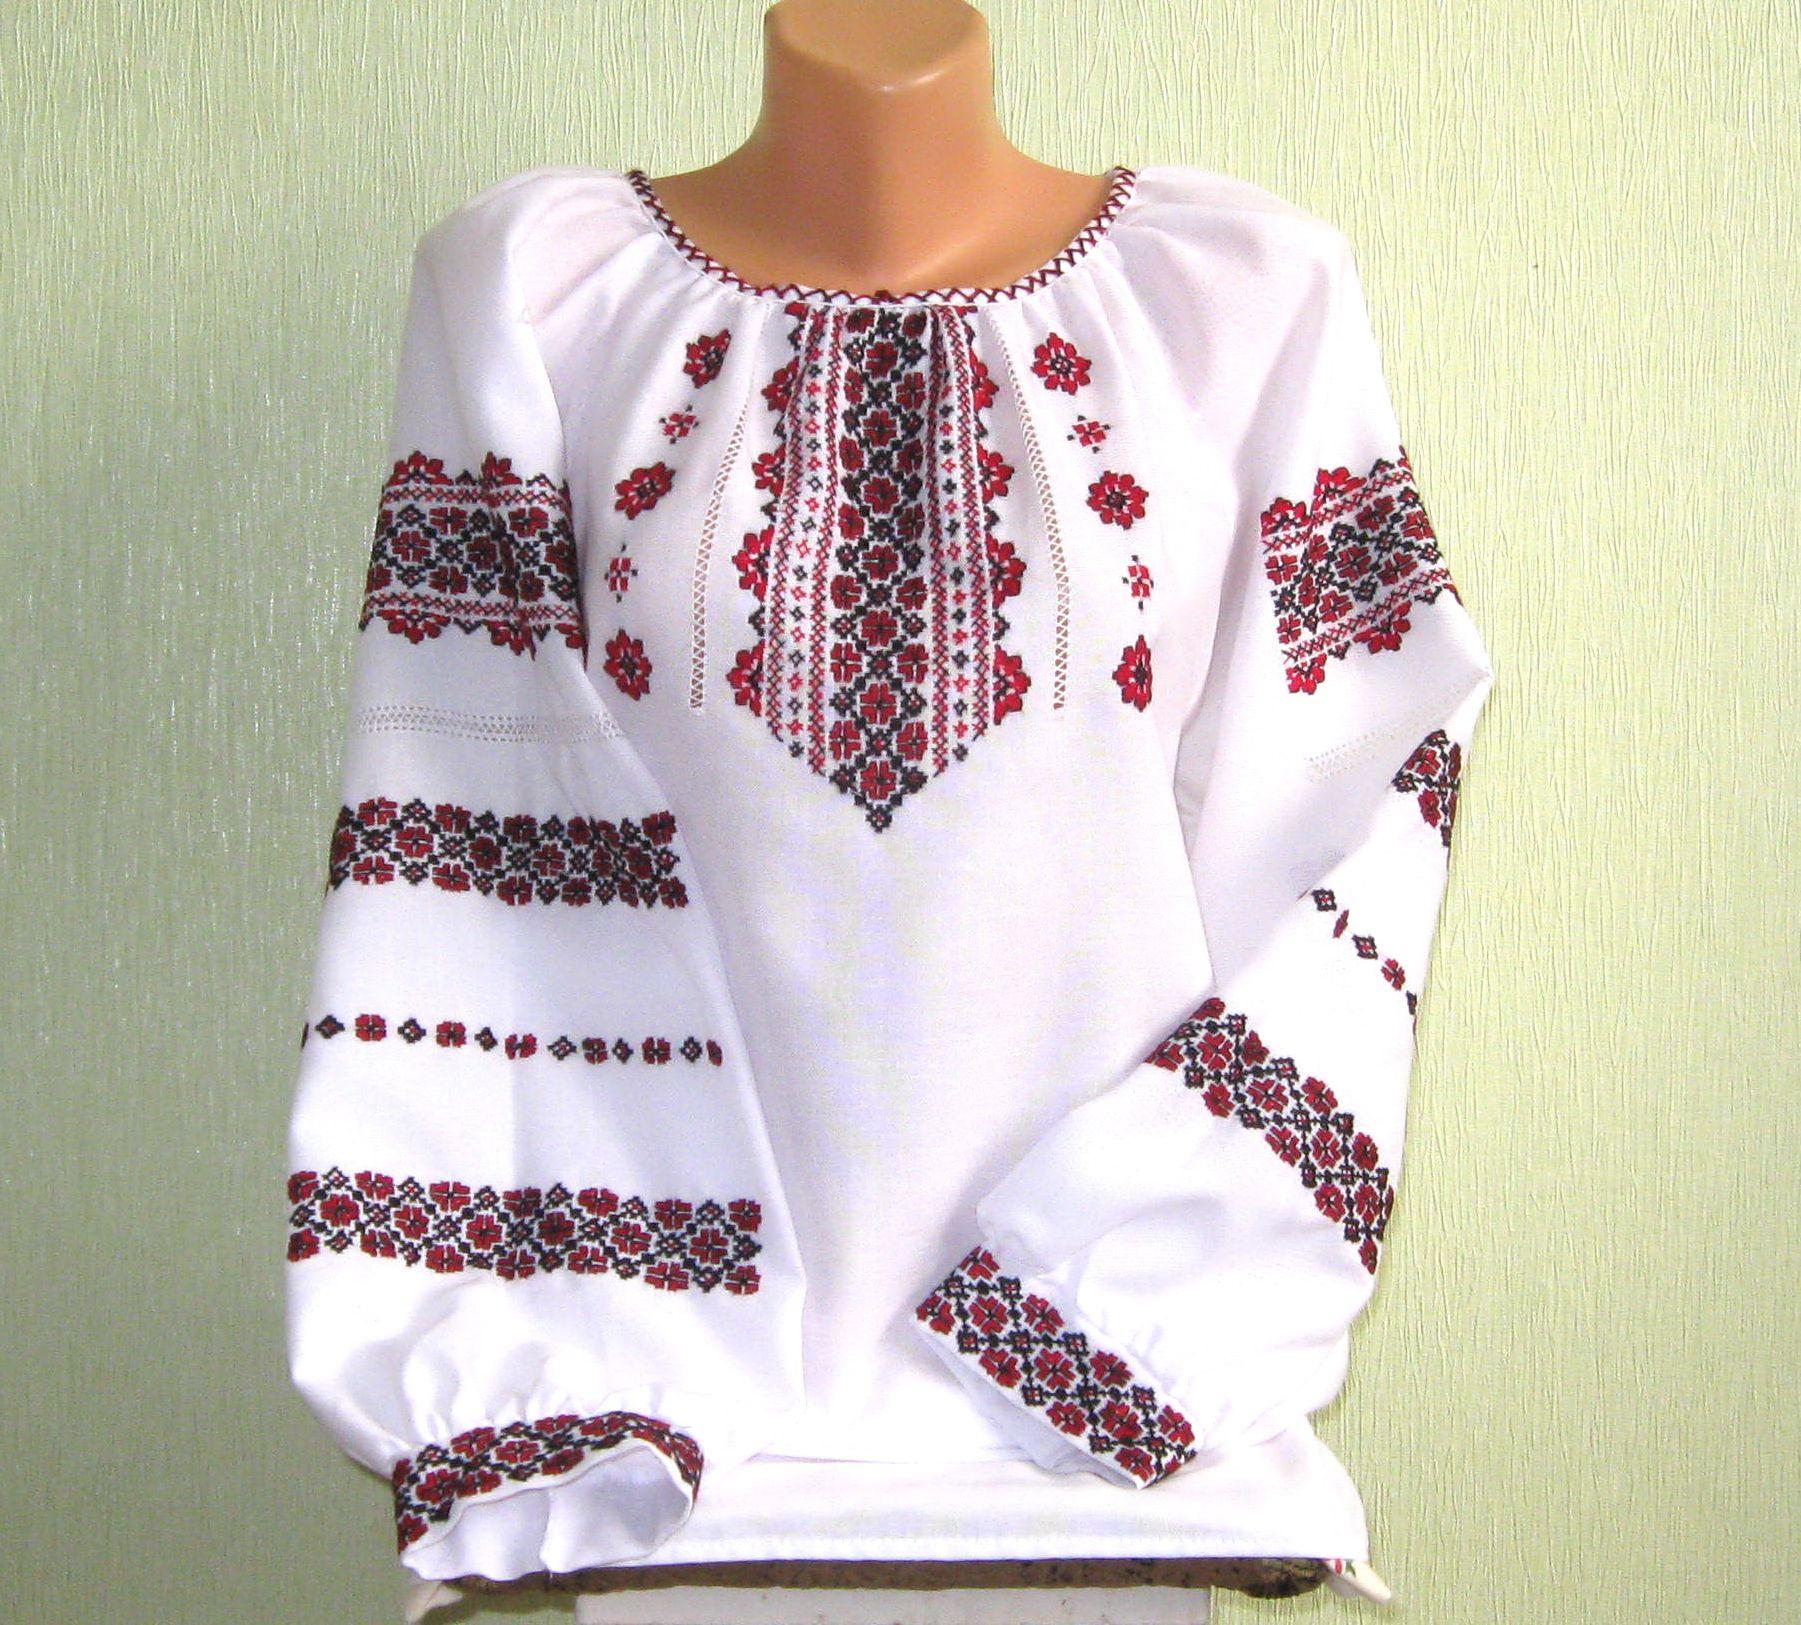 сучасна вишиванка для дівчини - Товари - Вишиванка чоловіча ... 8d67b25ab003c